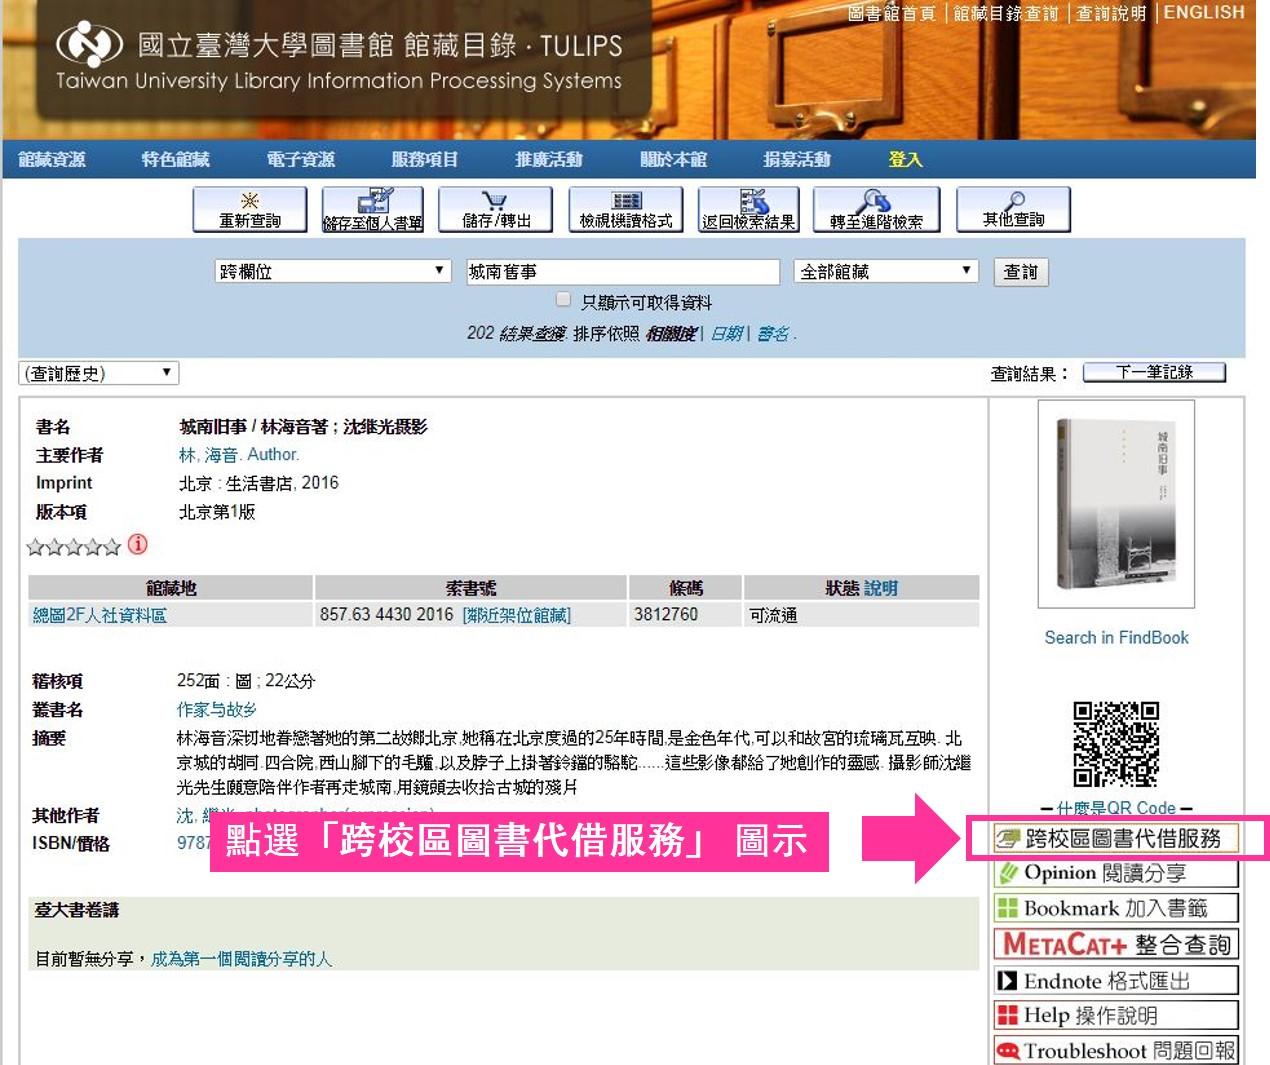 館藏目錄系統查詢到您要借閱的圖書後,點選右側「跨校區圖書代借服務」 圖示